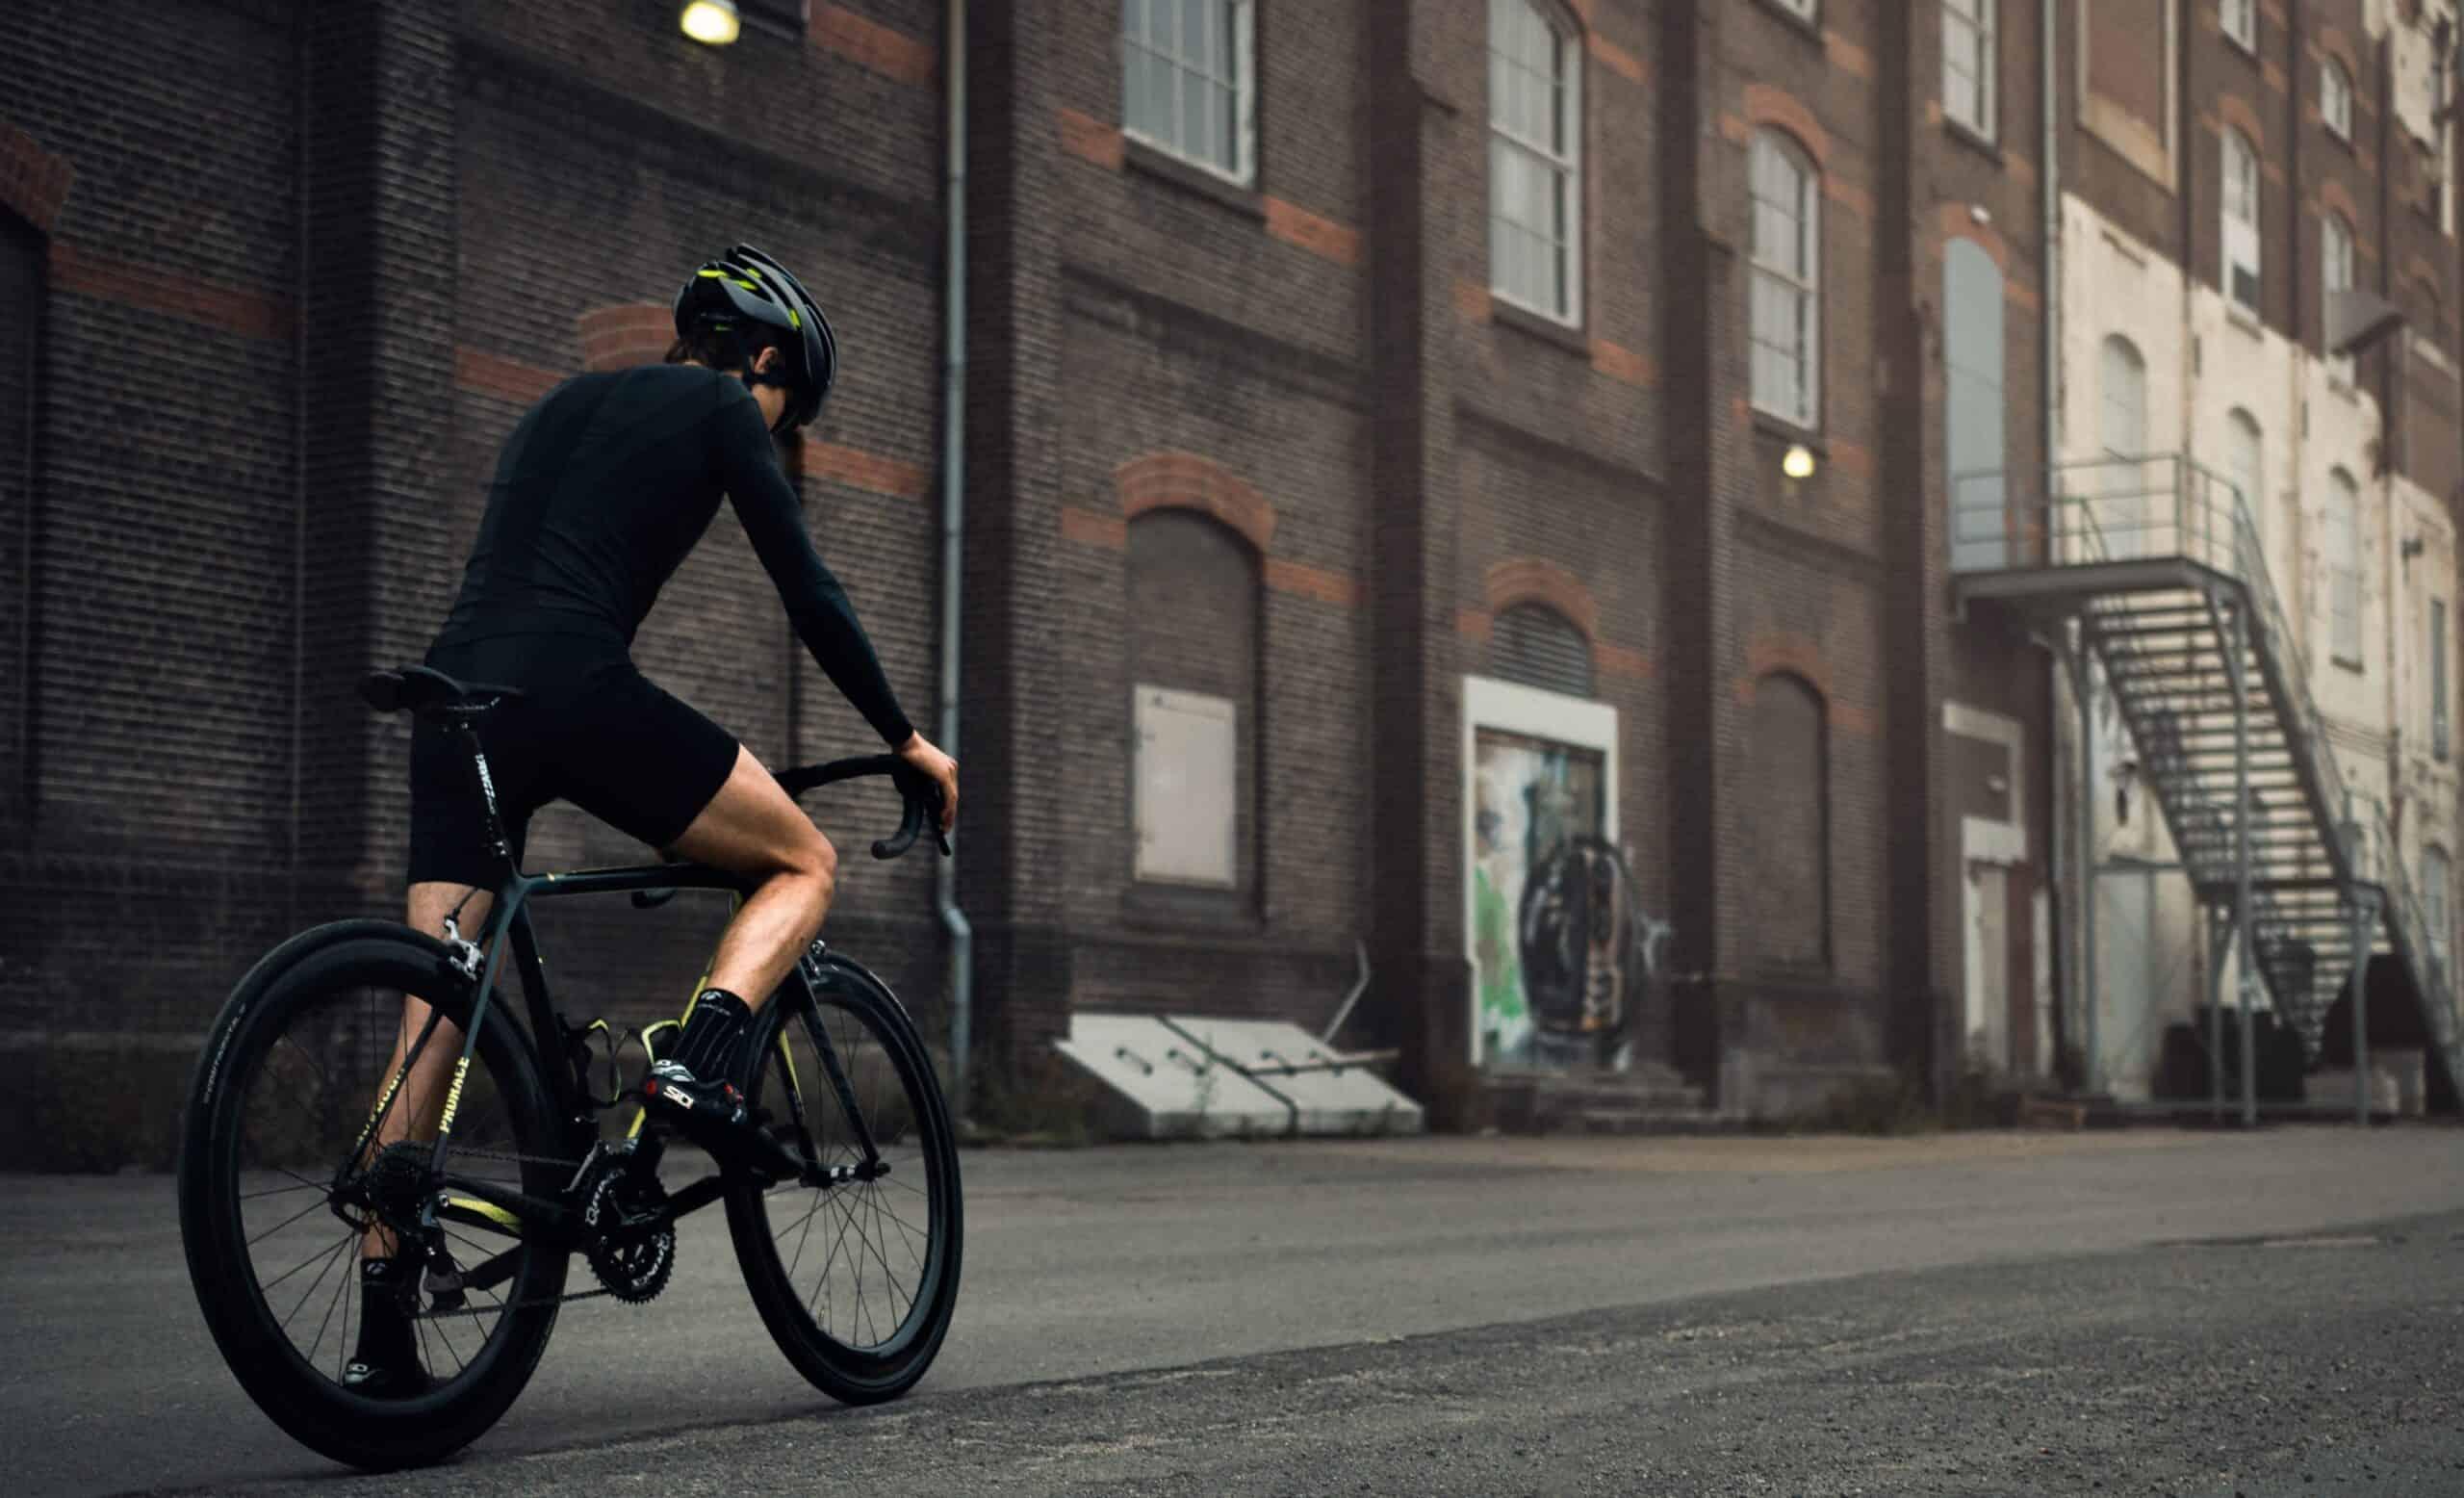 portfolio foto wielrenner met zwarte racefiets in industriële omgeving